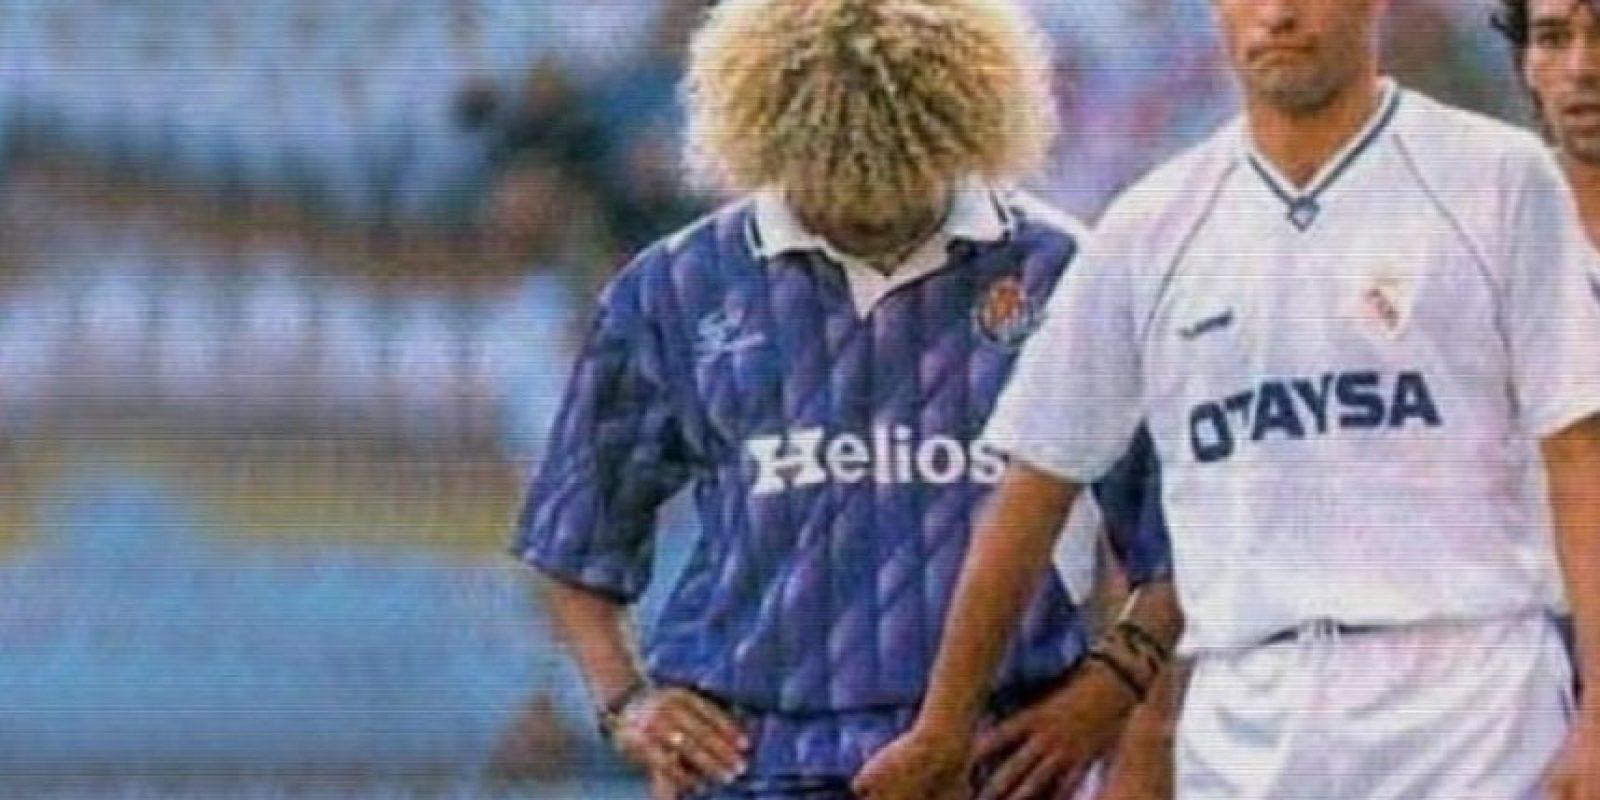 """Durante todo el partido, el colombiano, que jugaba para Valladolid, se la pasó insultado y provocando a Michel González, del Real Madrid. El mediocampista """"merengue"""" respondió tocándole los testículos al """"Pibe"""", quien nuevamente insultó a González. Al final, el castigado fue para el madridista. Foto:futbolmundiario.com"""